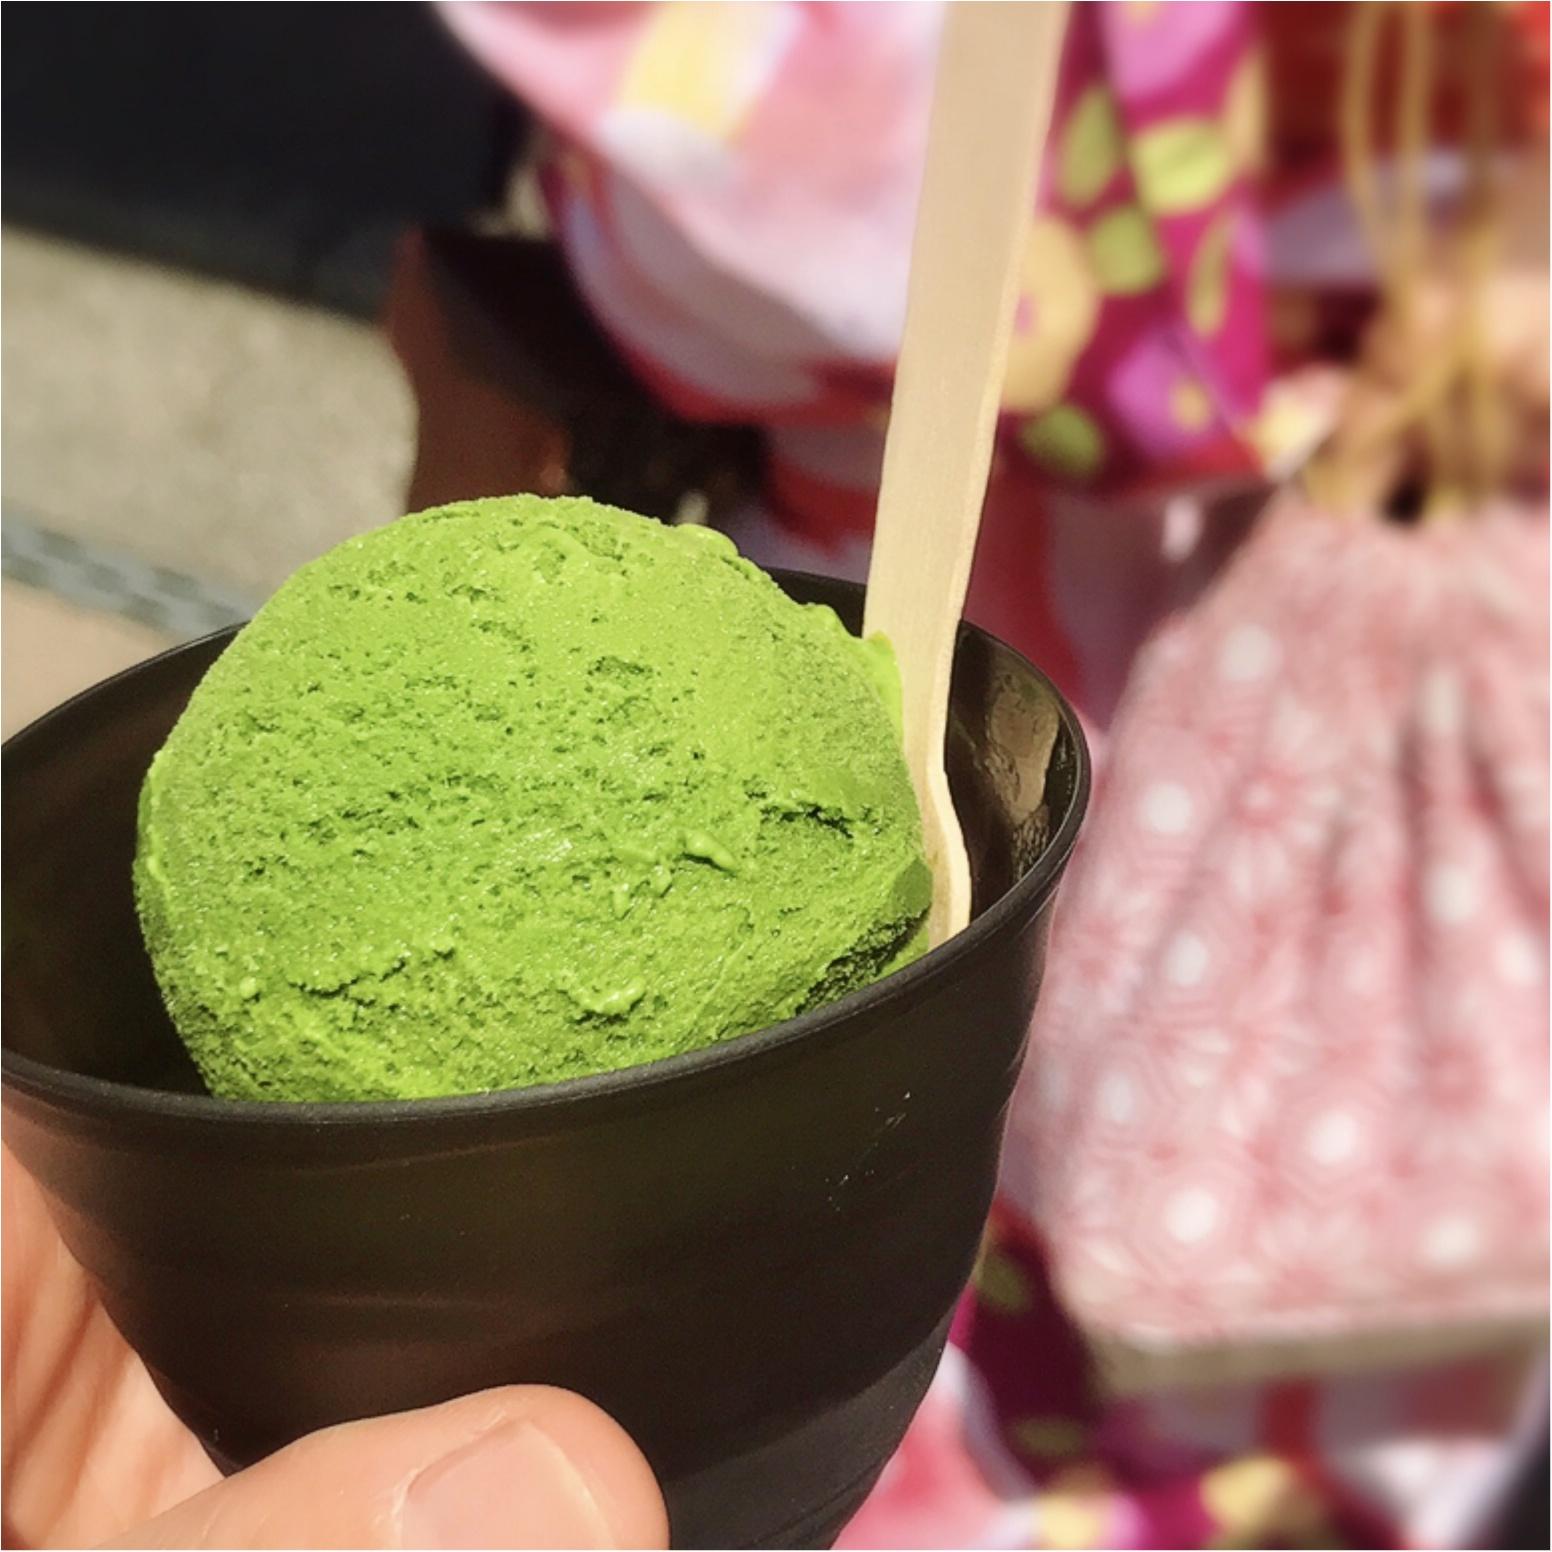 【鎌倉グルメ】濃さが選べる抹茶アイス! 小町通り散策に疲れたら「鎌倉茶々」へ♡_3